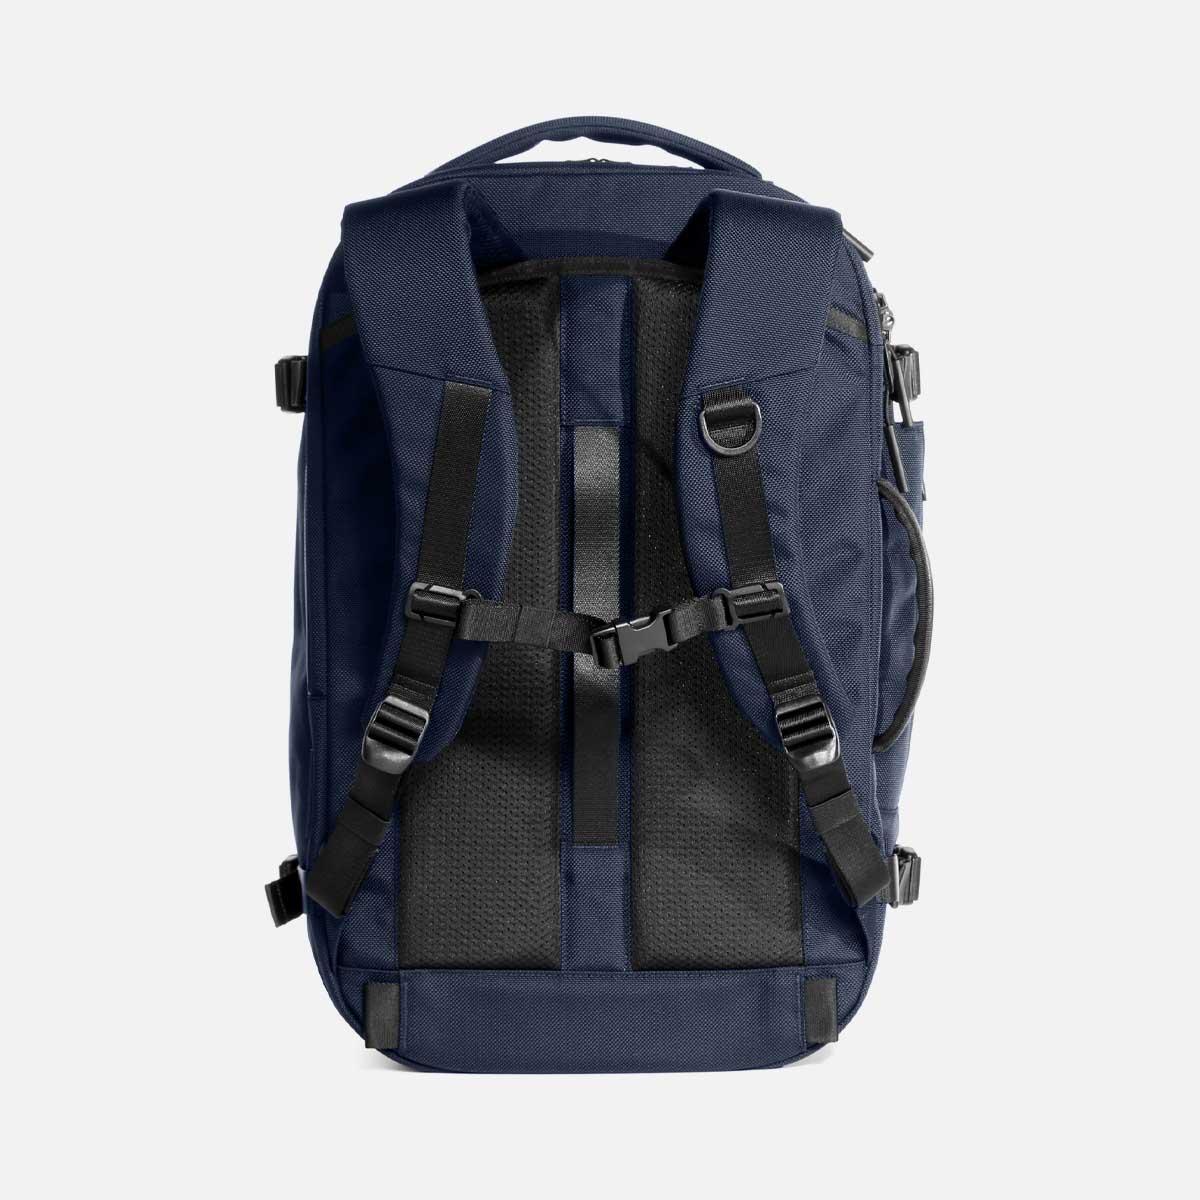 23007_travelpack2_navy_backpanel.jpg